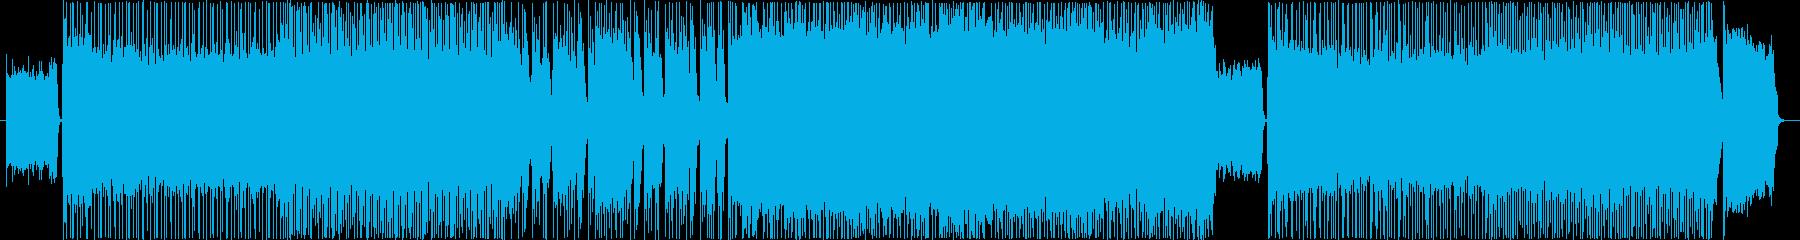 ゲームのバトル曲の再生済みの波形